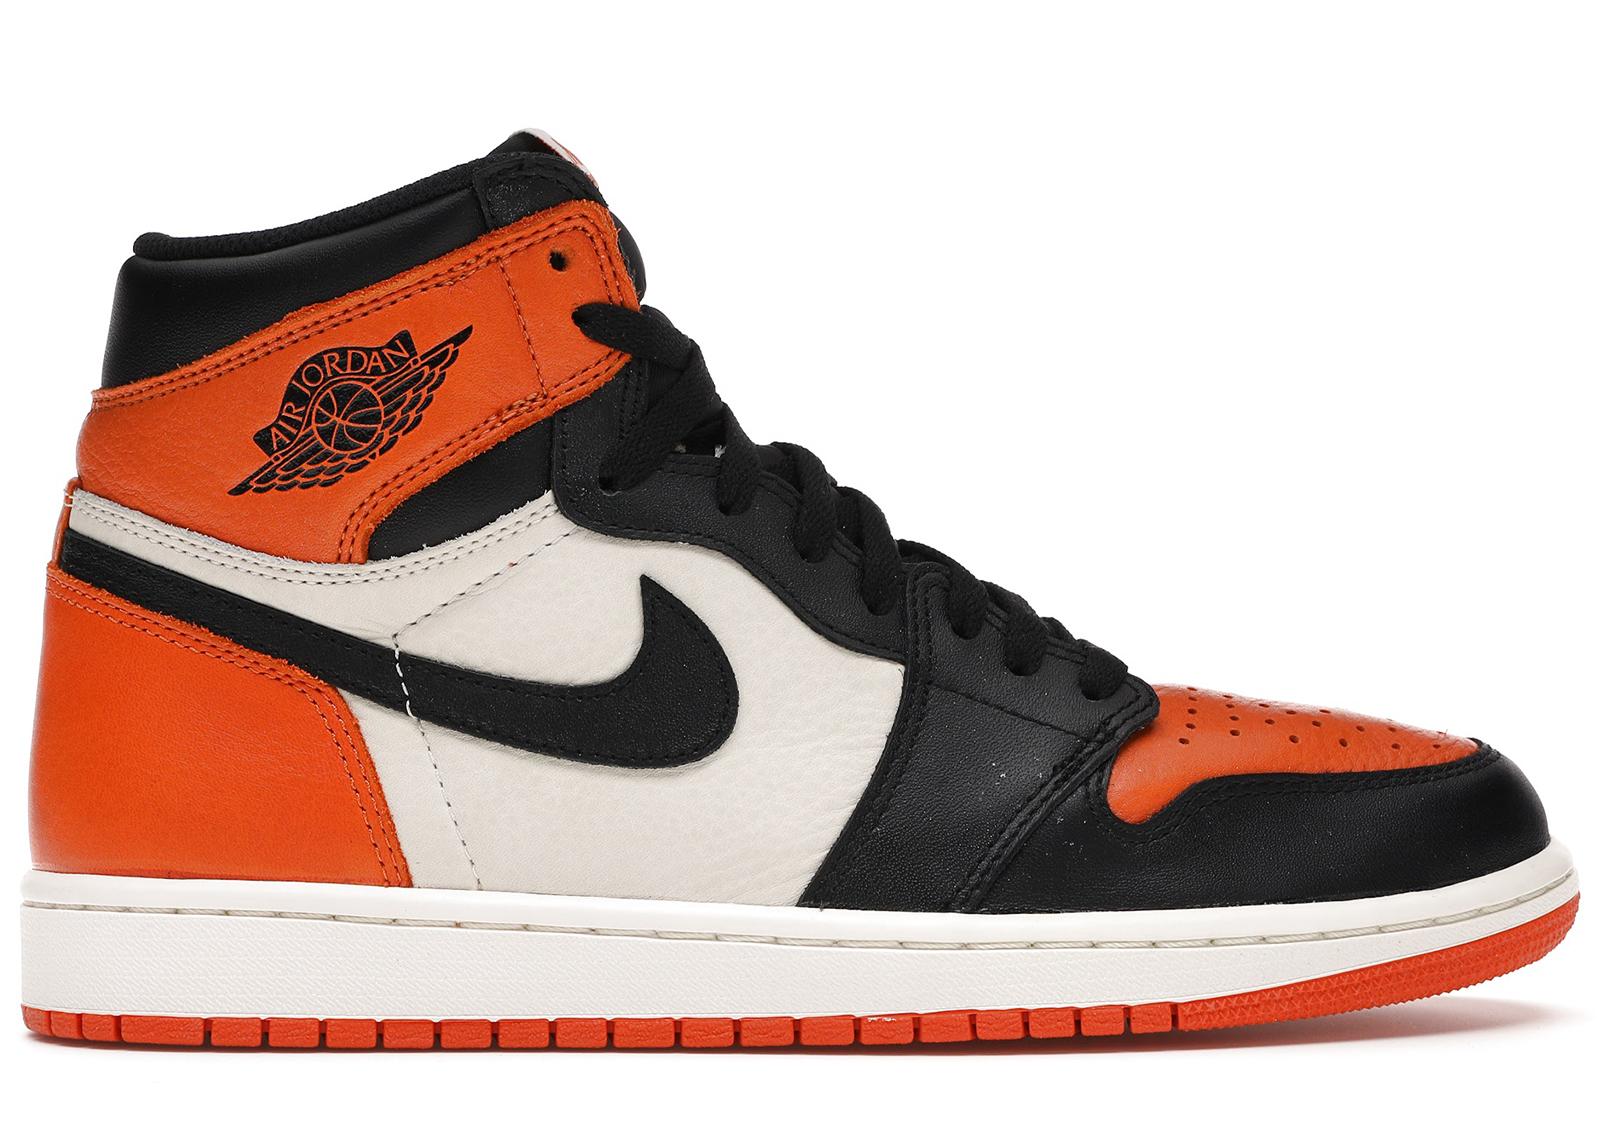 jordan air force 1 orange